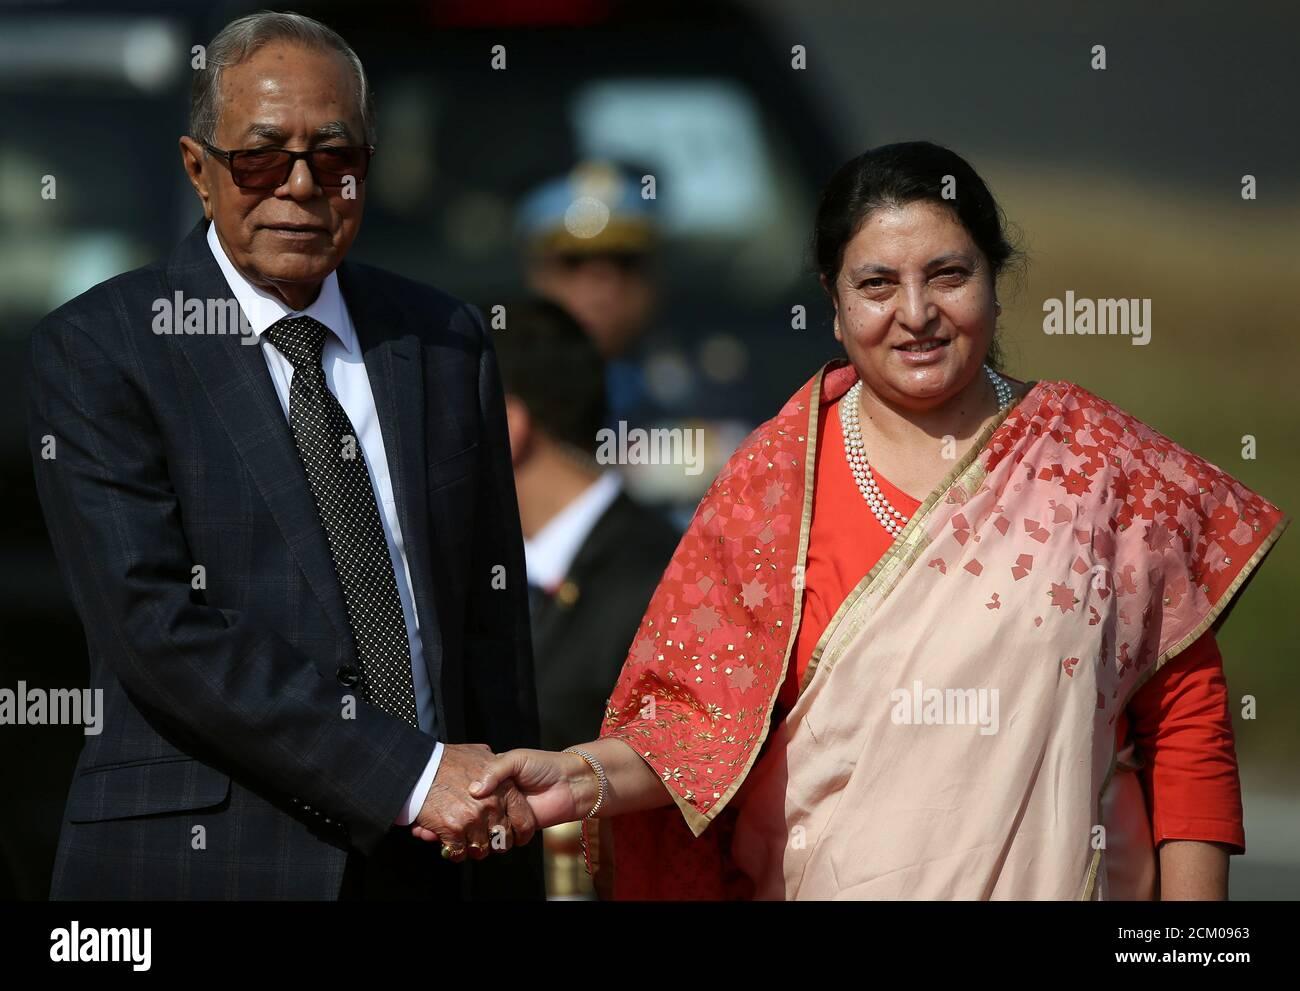 Le président du Bangladesh, Abdul Hamid, se met à la main avec le président du Népal, Bidhya Devi Bhandari, à son arrivée à l'aéroport international de Tribhuvan à Katmandou, au Népal, le 12 novembre 2019. REUTERS/Navesh Chitrakar/Pool Banque D'Images